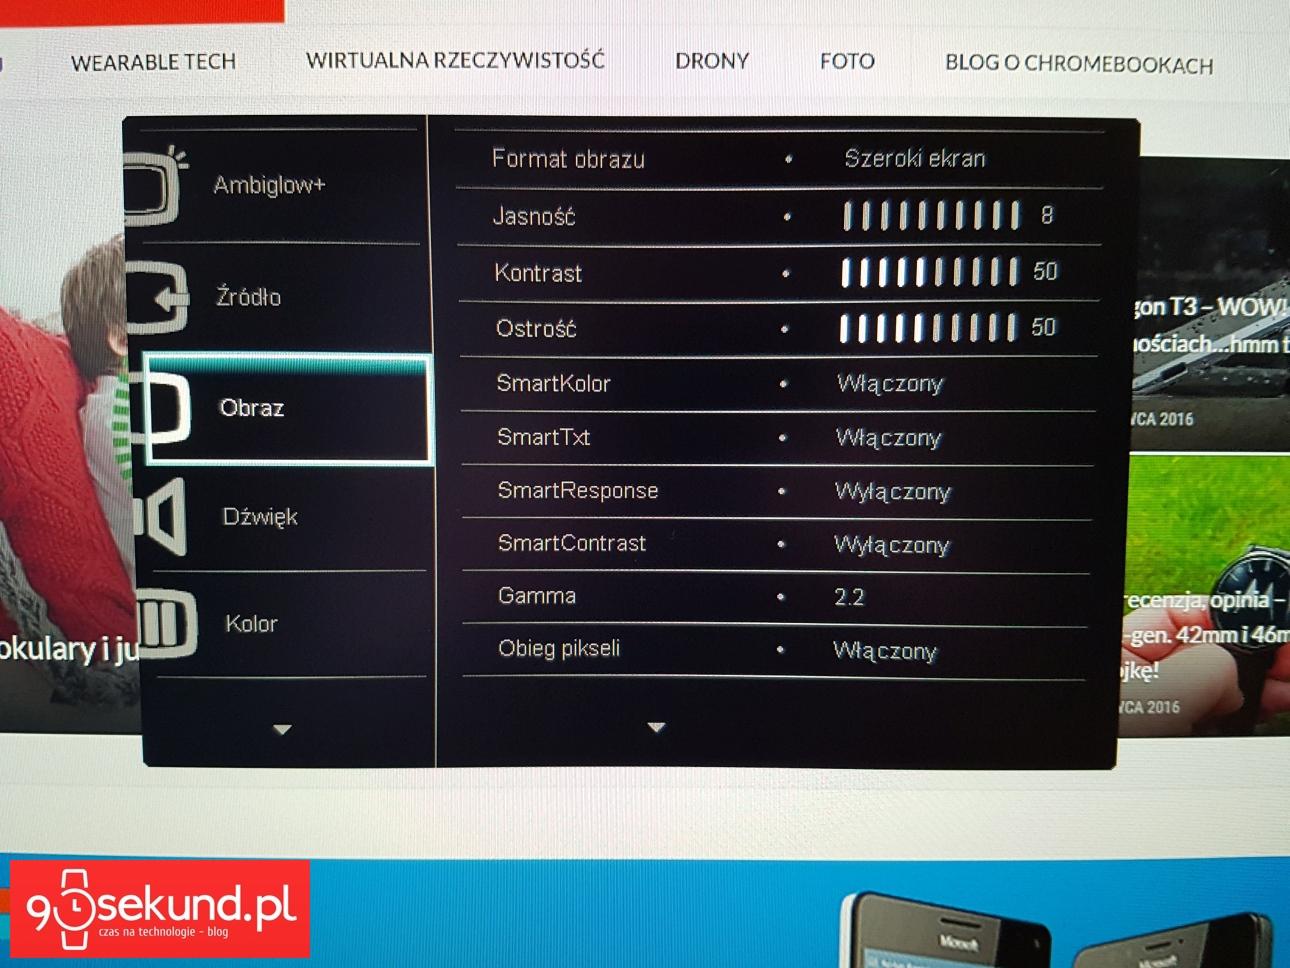 Menu ręcznej obsługi monitora Philips Moda 275C z podstawą świetlną Ambiglow Plus - recenzja 90sekund.pl